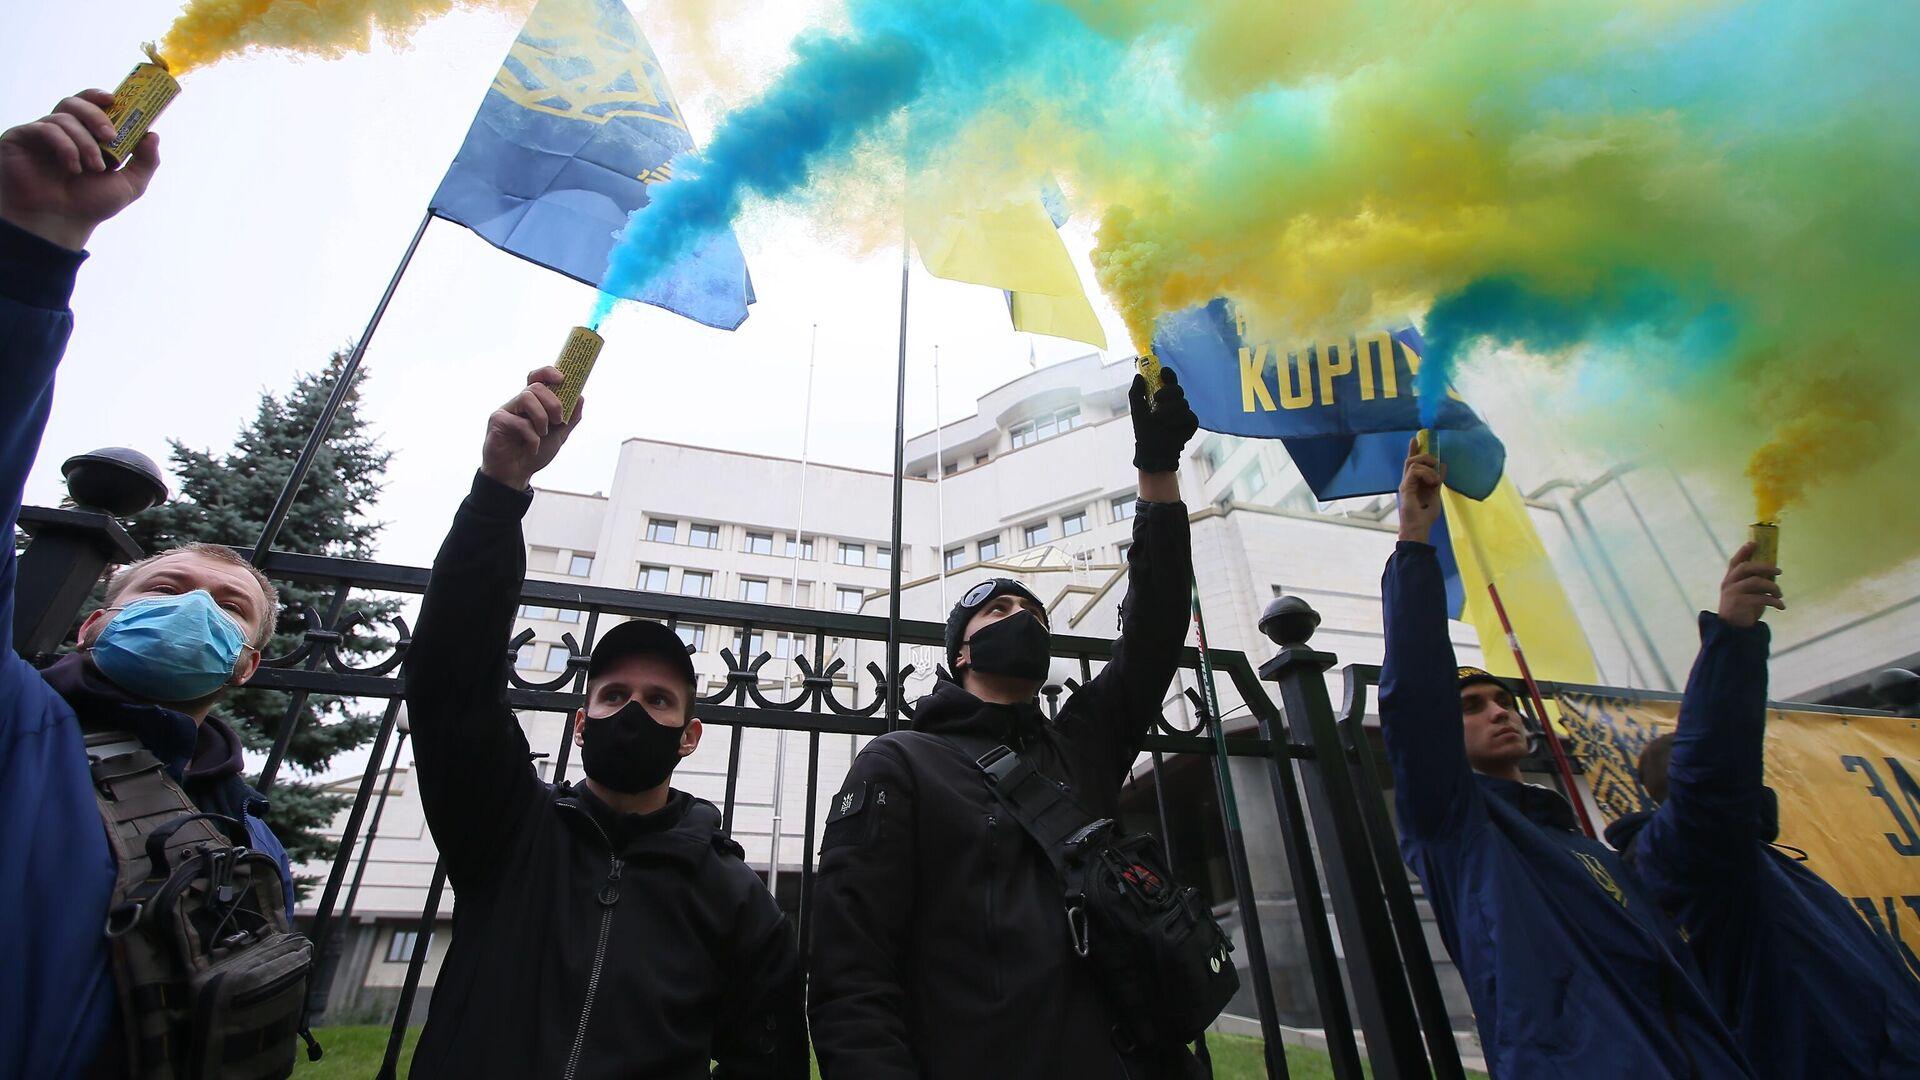 Участники акции протеста у здания Конституционного суда в Киеве - РИА Новости, 1920, 21.11.2020